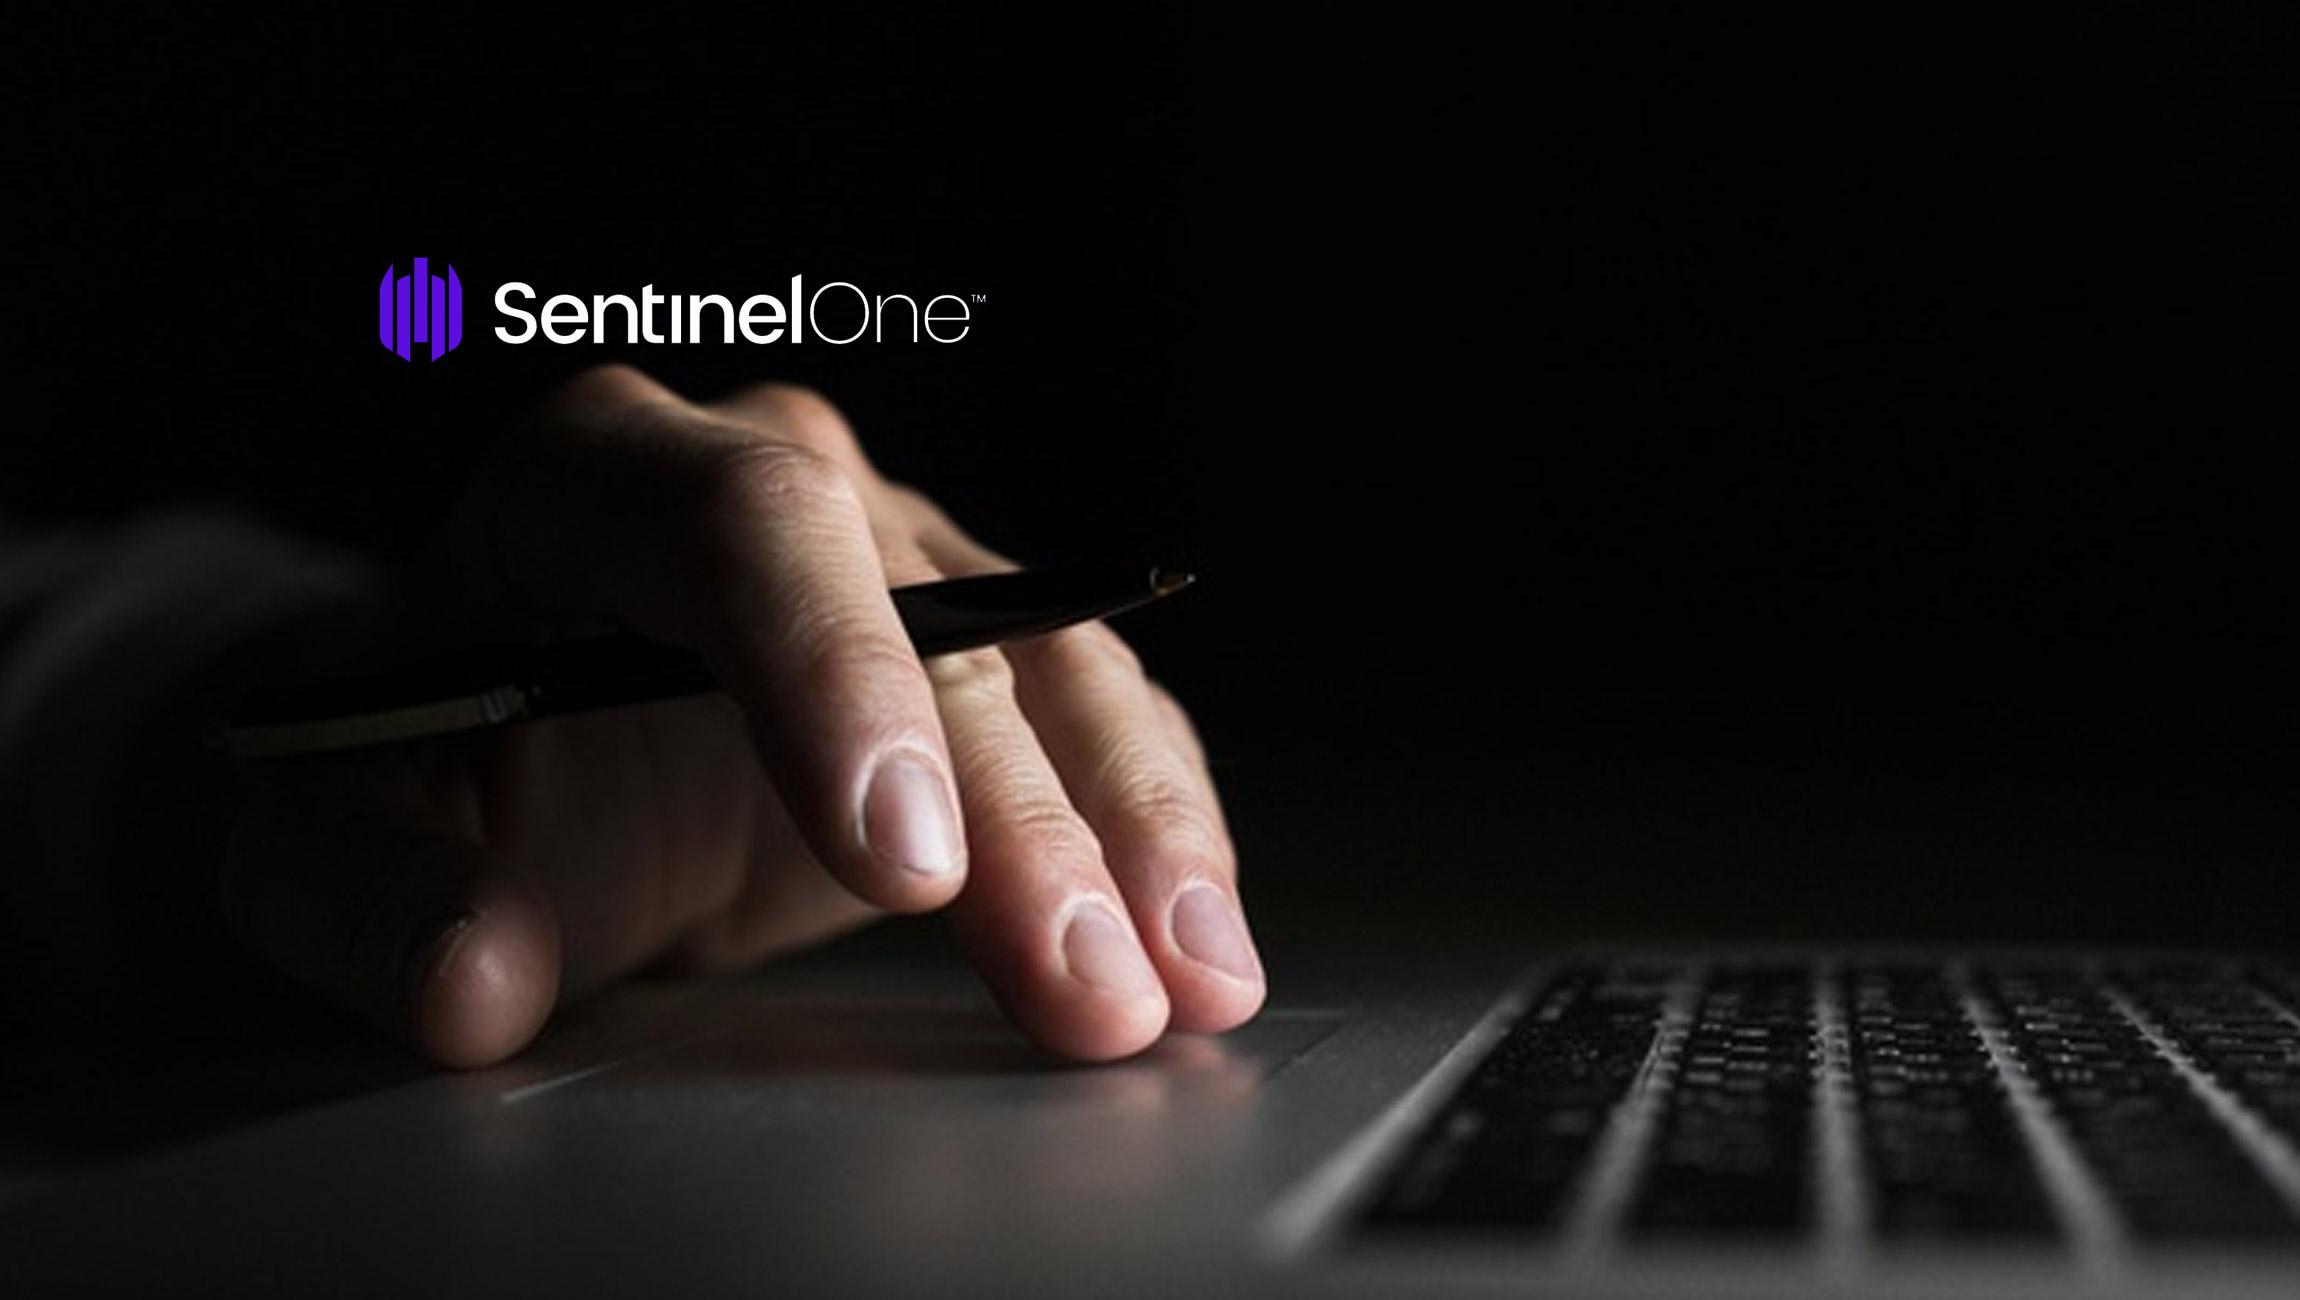 SentinelOne lance de nouveaux tableaux de bord personnalisables et outils de reporting